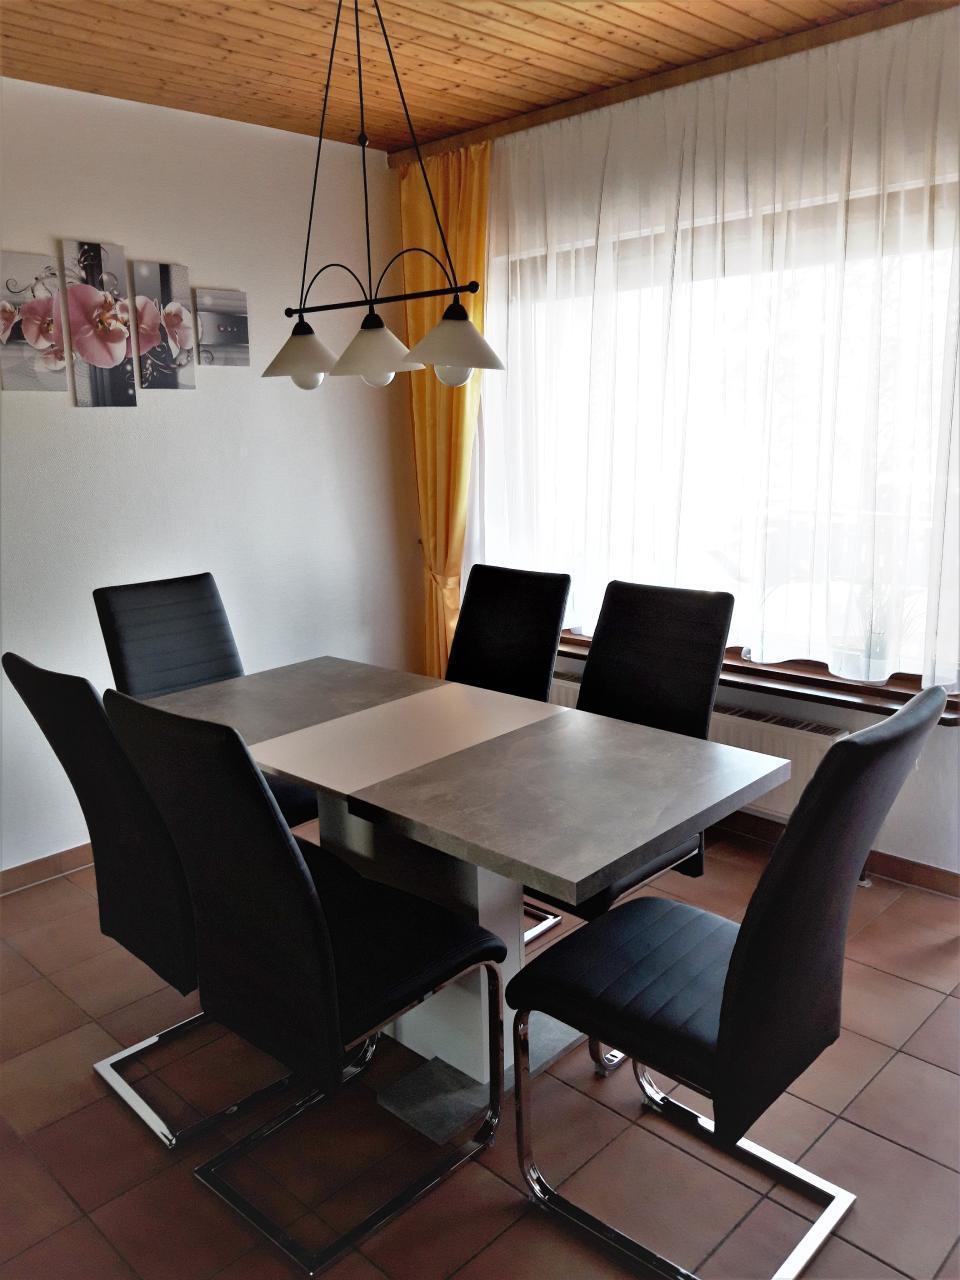 Ferienhaus Bungalow 6 neu renoviert für 4-6 Personen in der Rhön Residence Bungalows (757461), Dipperz, Rhön (Hessen), Hessen, Deutschland, Bild 7